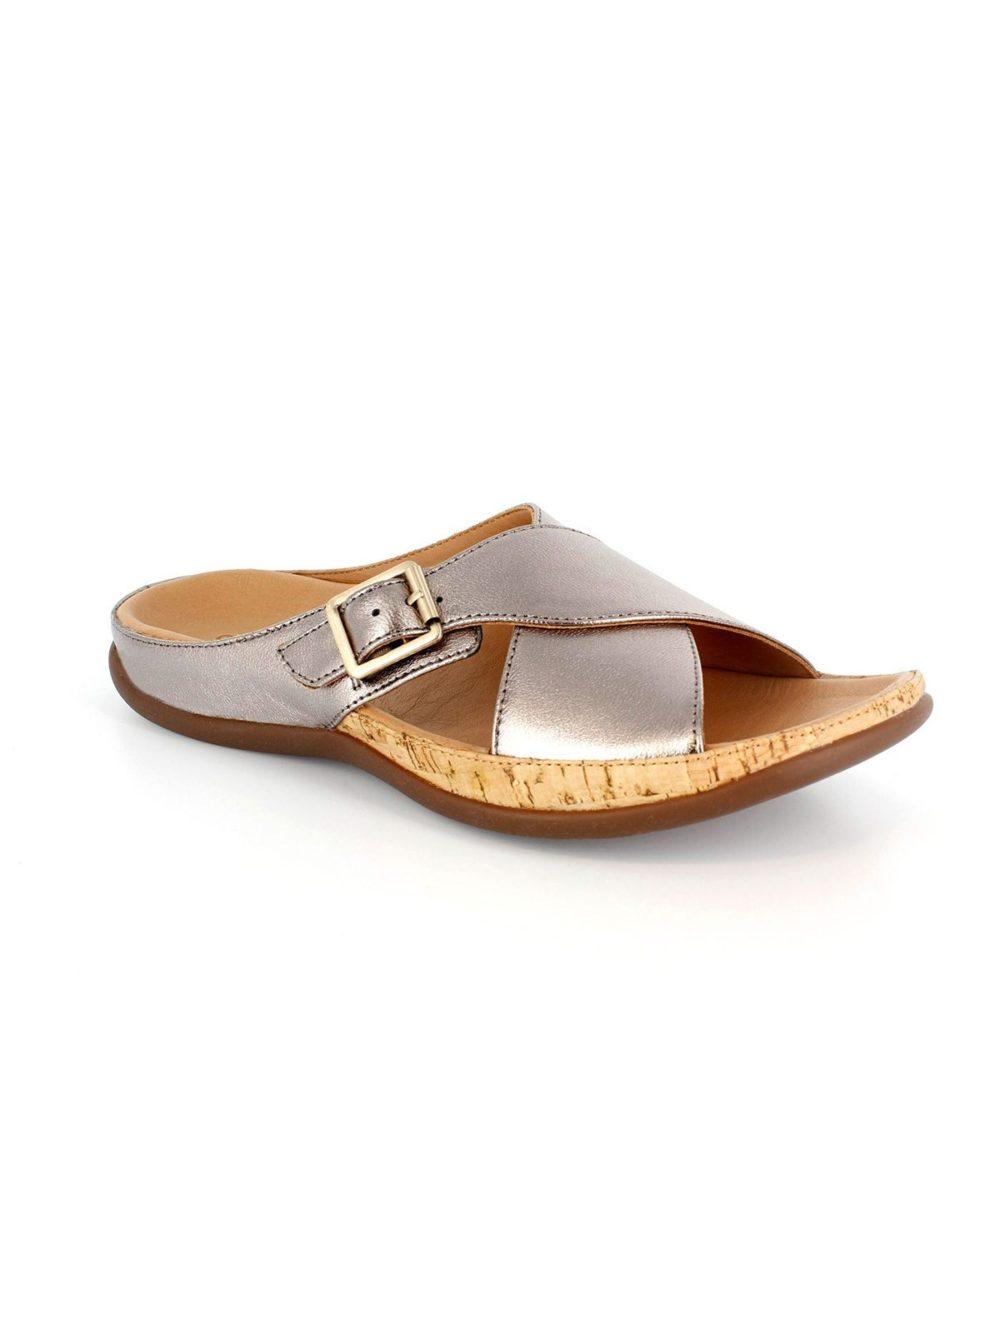 b0e21f9f26a Maria Buckle Sandal Strive Footwear Katie Kerr Women s Sandals